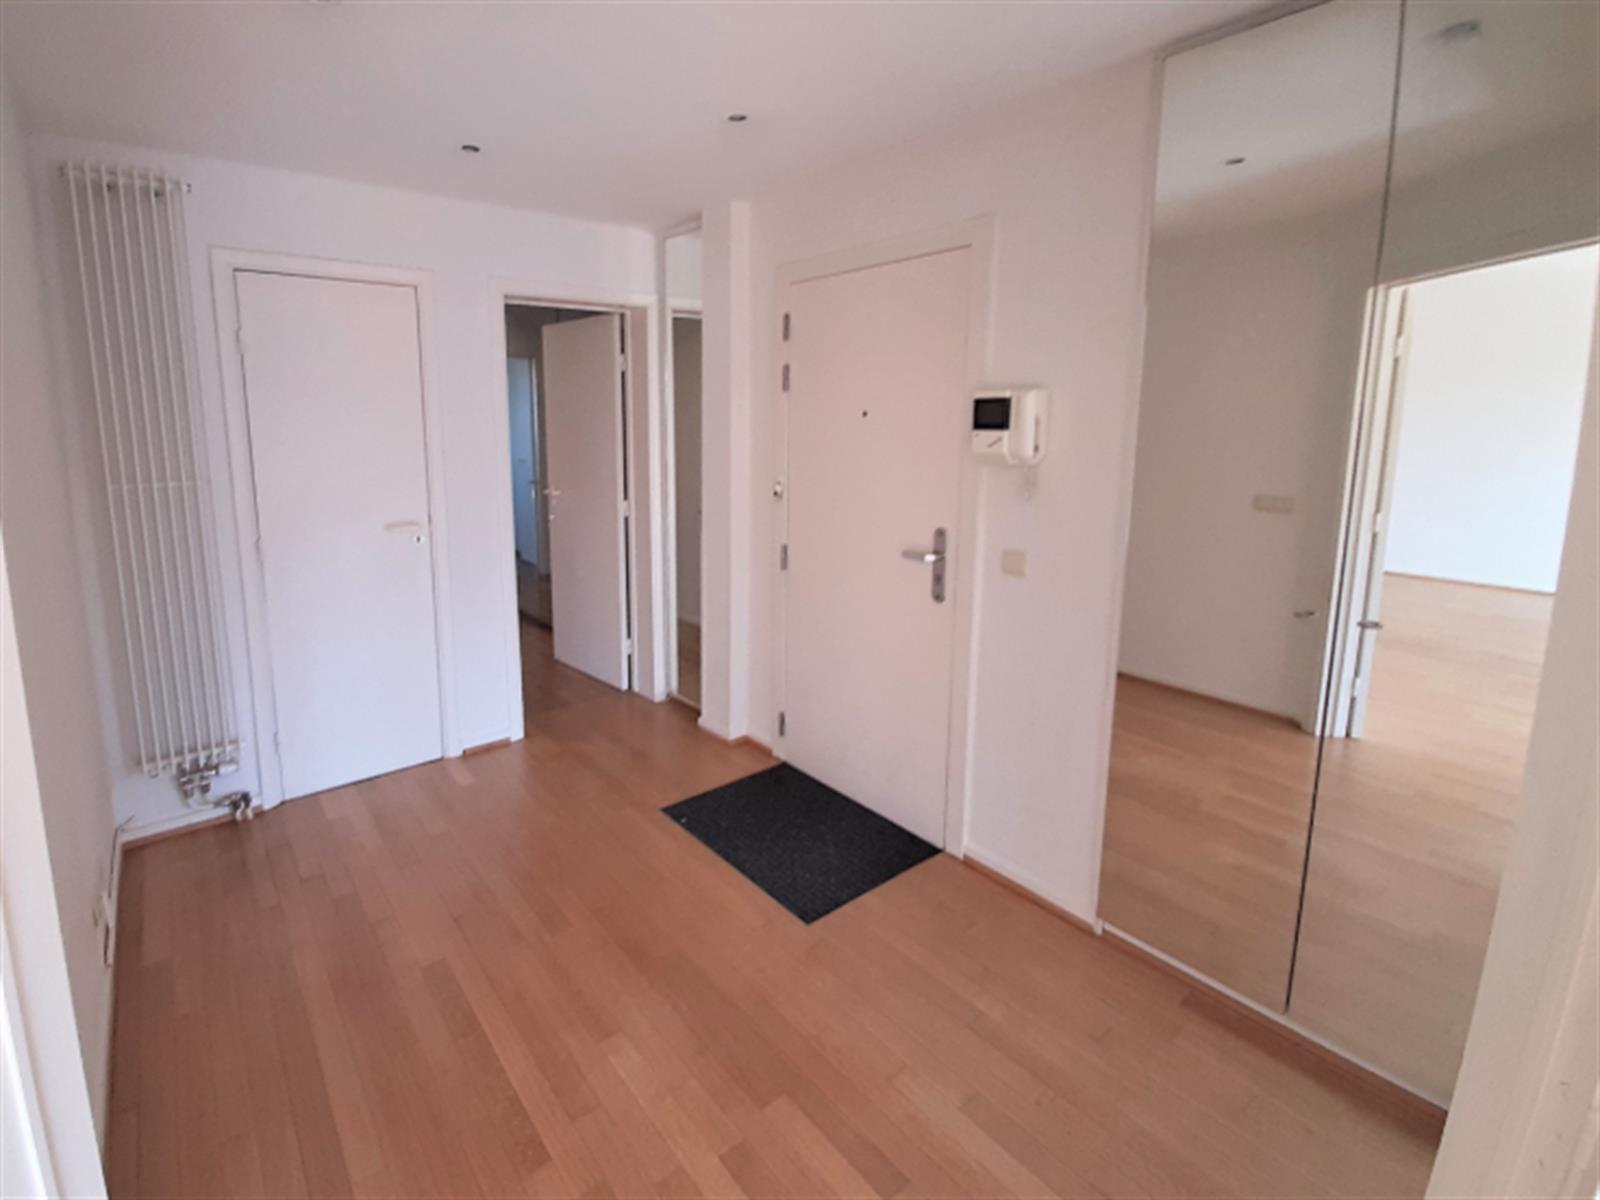 Appartement - Woluwe-Saint-Pierre - #4350243-6